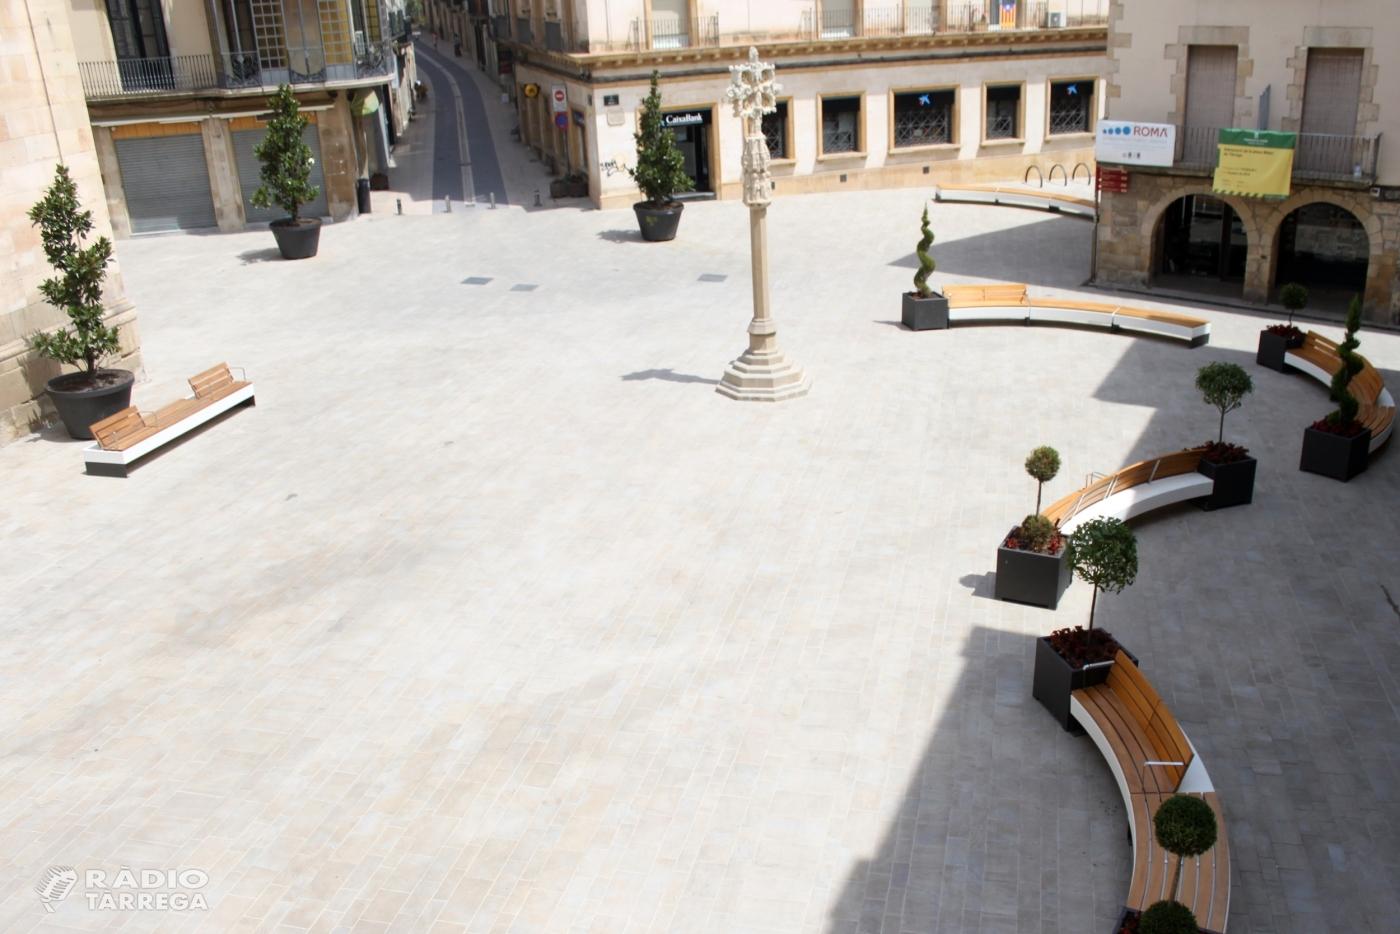 L'alcaldessa de Tàrrega fa una crida a no abaixar la guàrdia i confirma que la situació pandèmica està controlada a la ciutat